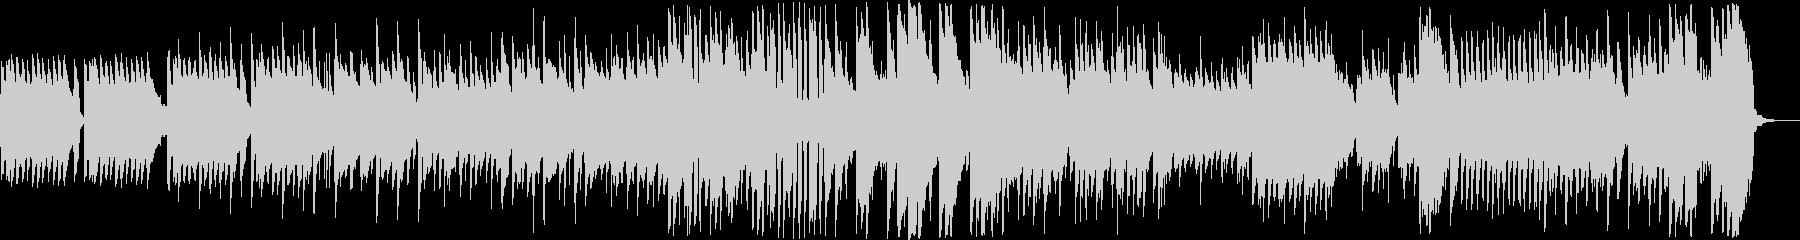 8bitダークでメルヘンチック Ver3の未再生の波形